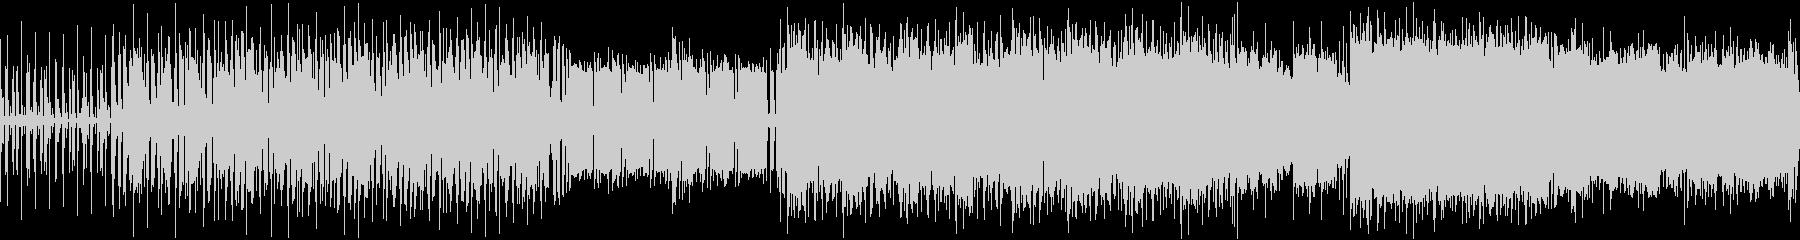 [ループ仕様]緩くてノリの良い日常曲の未再生の波形